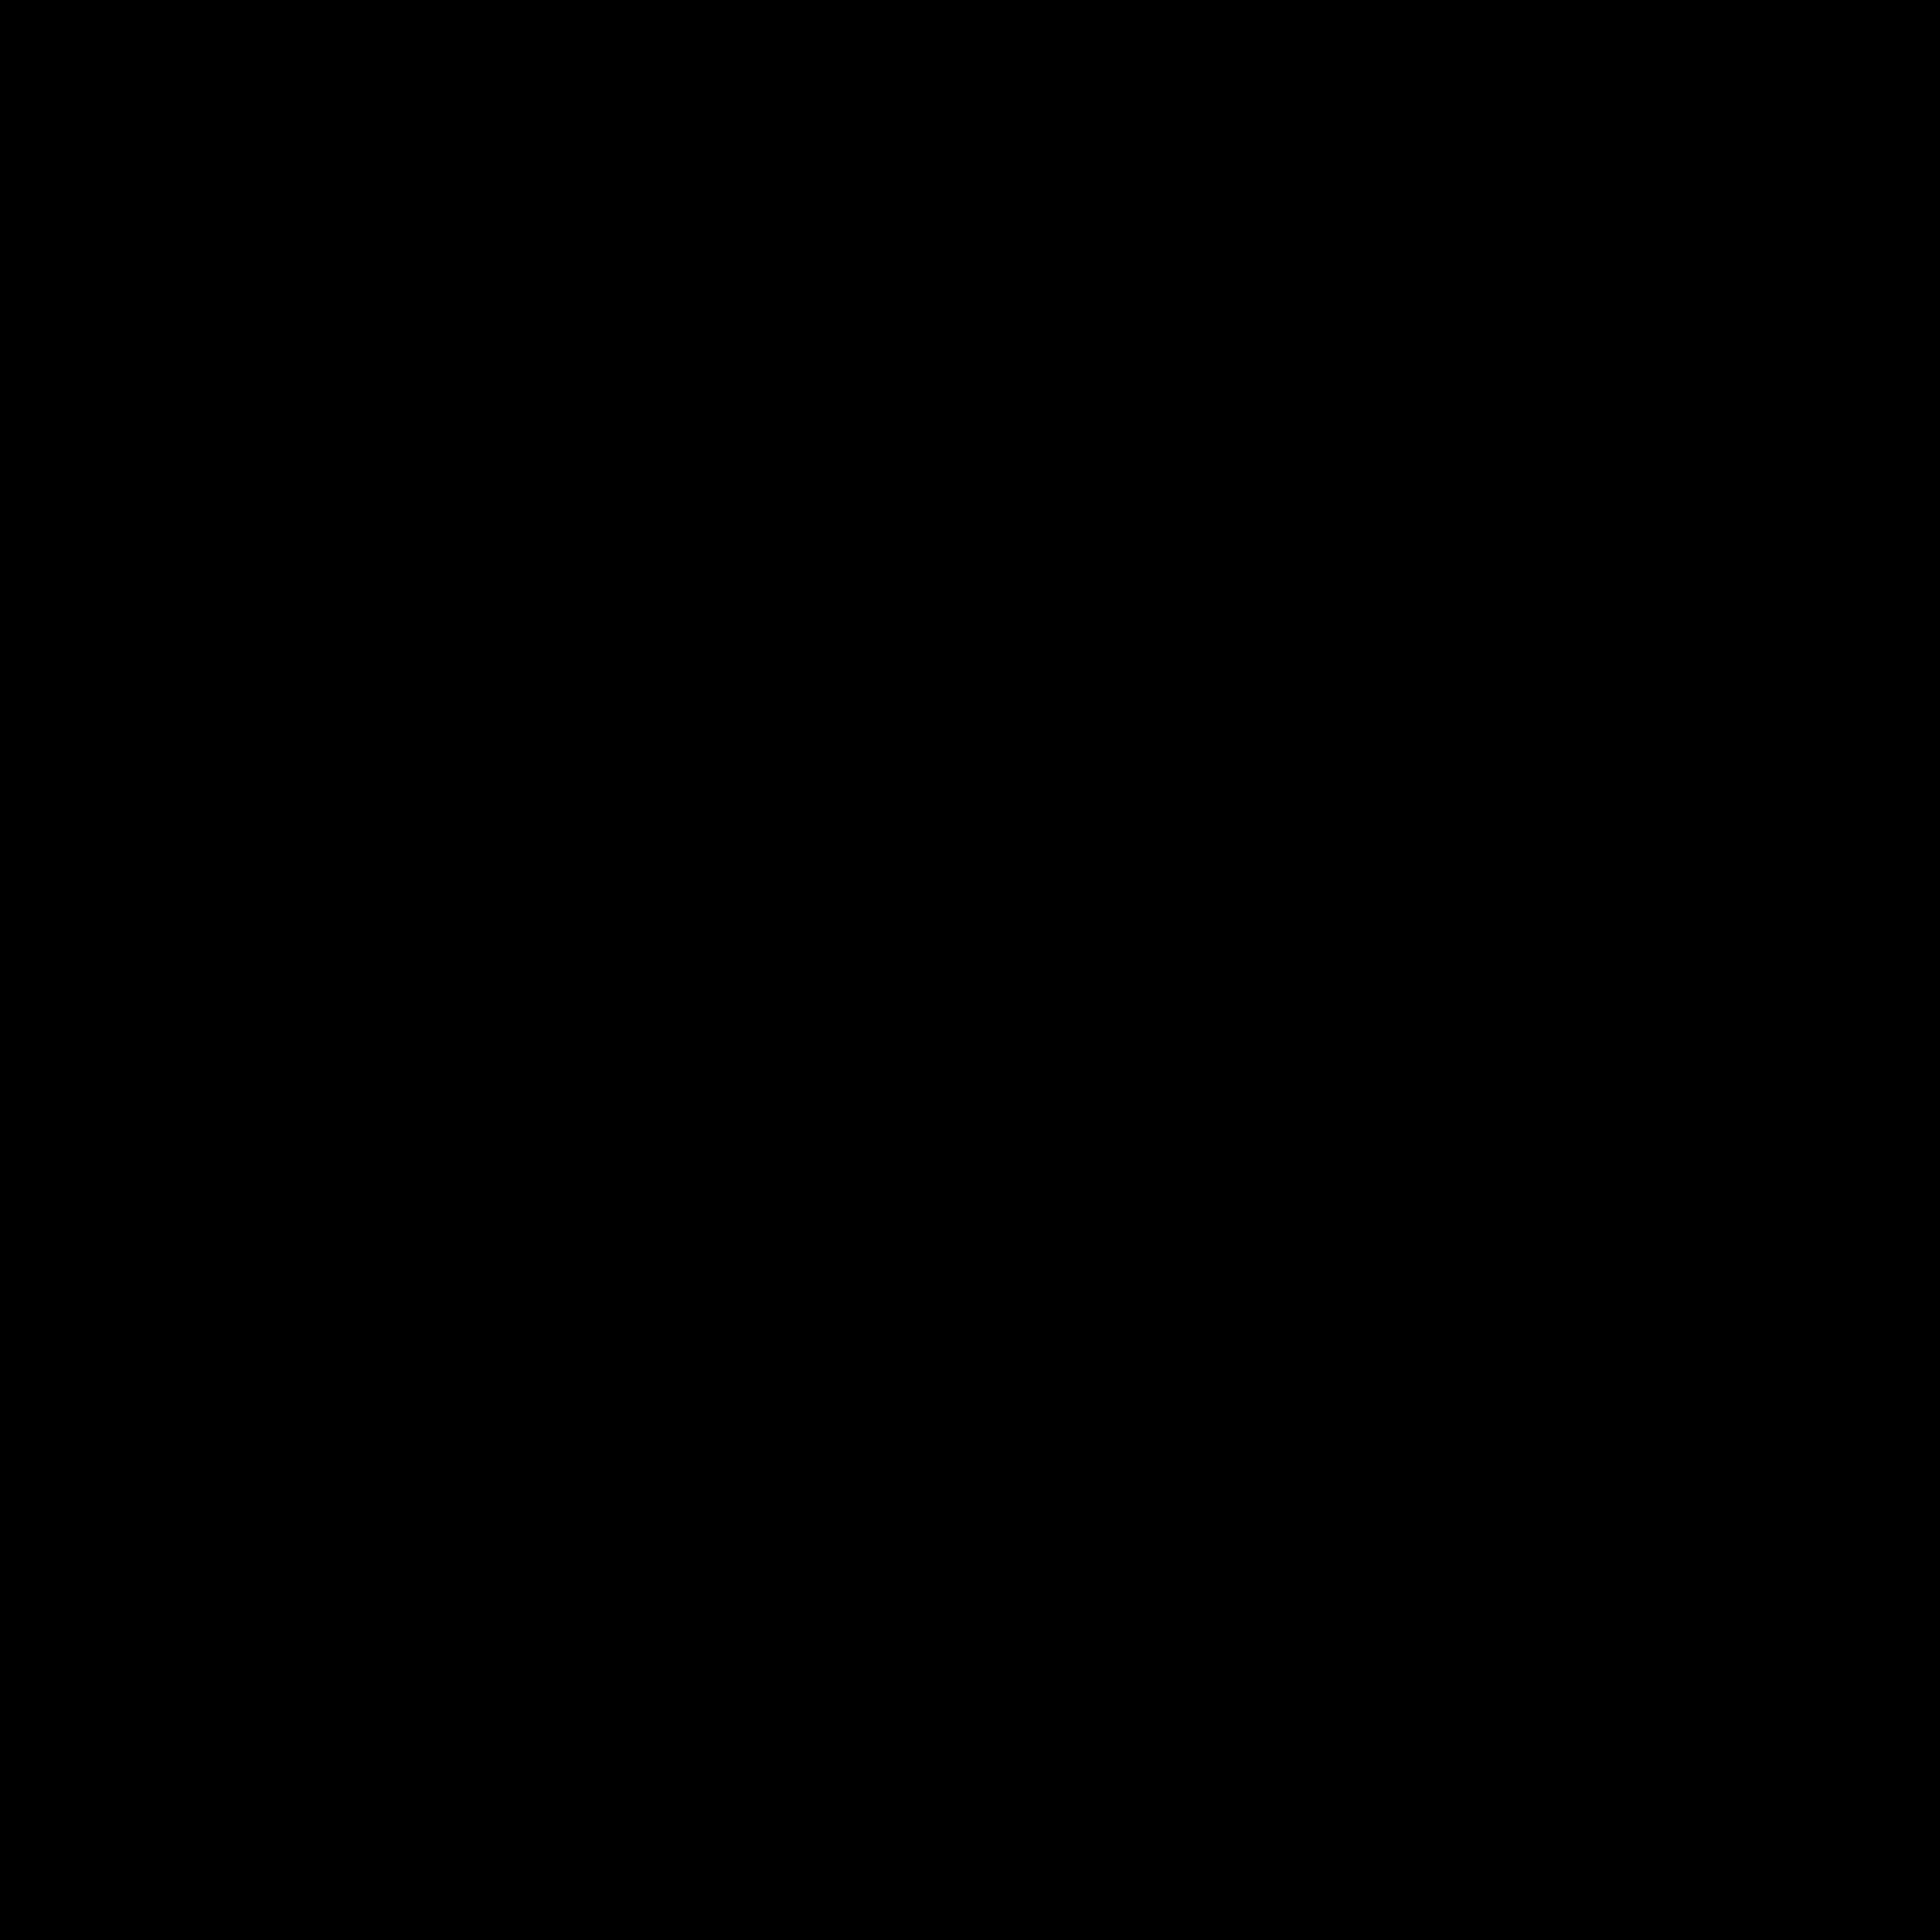 Dolce & Gabbana Logo PNG Transparent & SVG Vector.